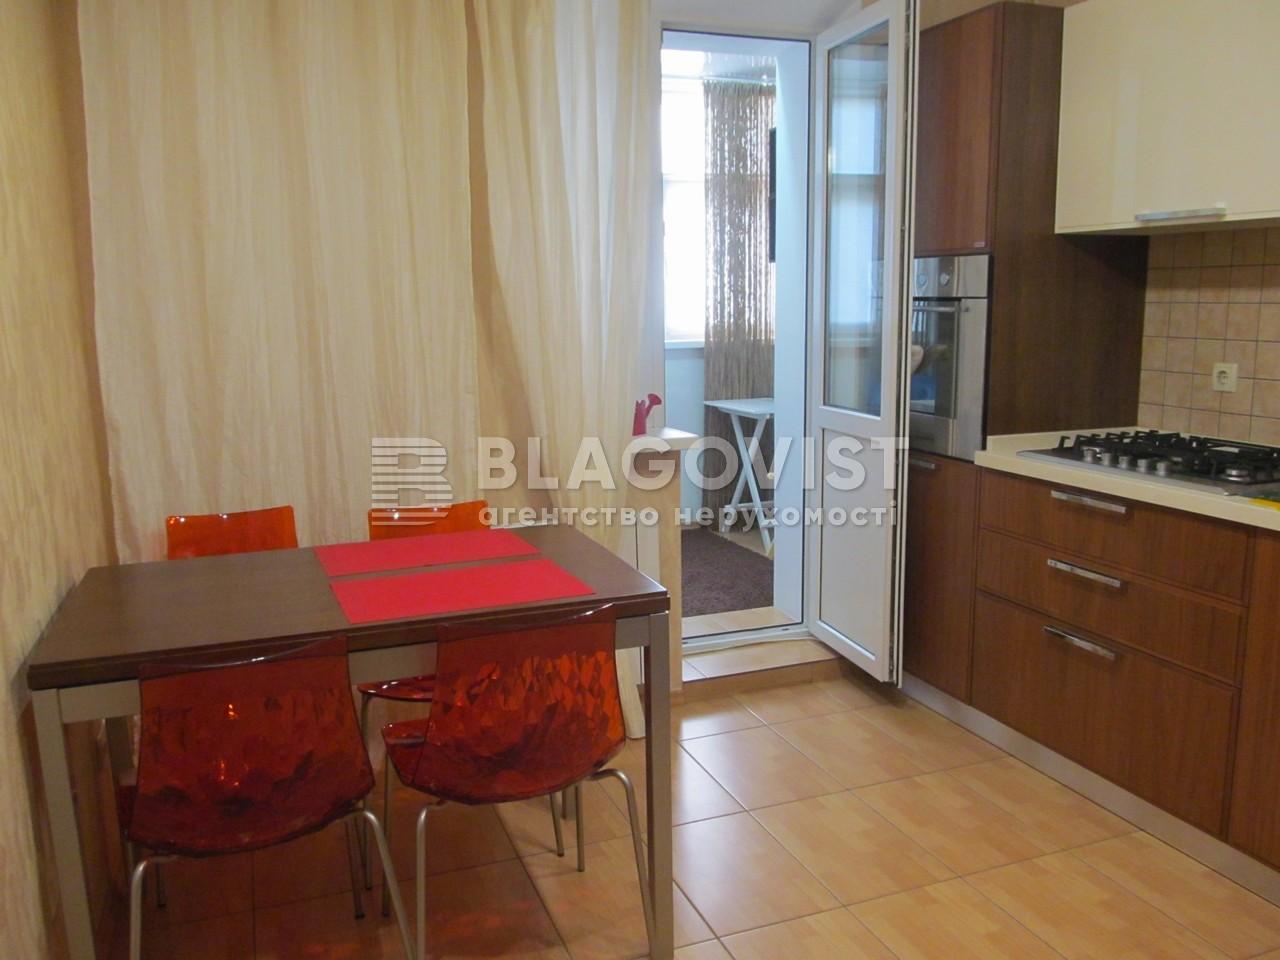 Квартира C-102854, Рыбальская, 8, Киев - Фото 7